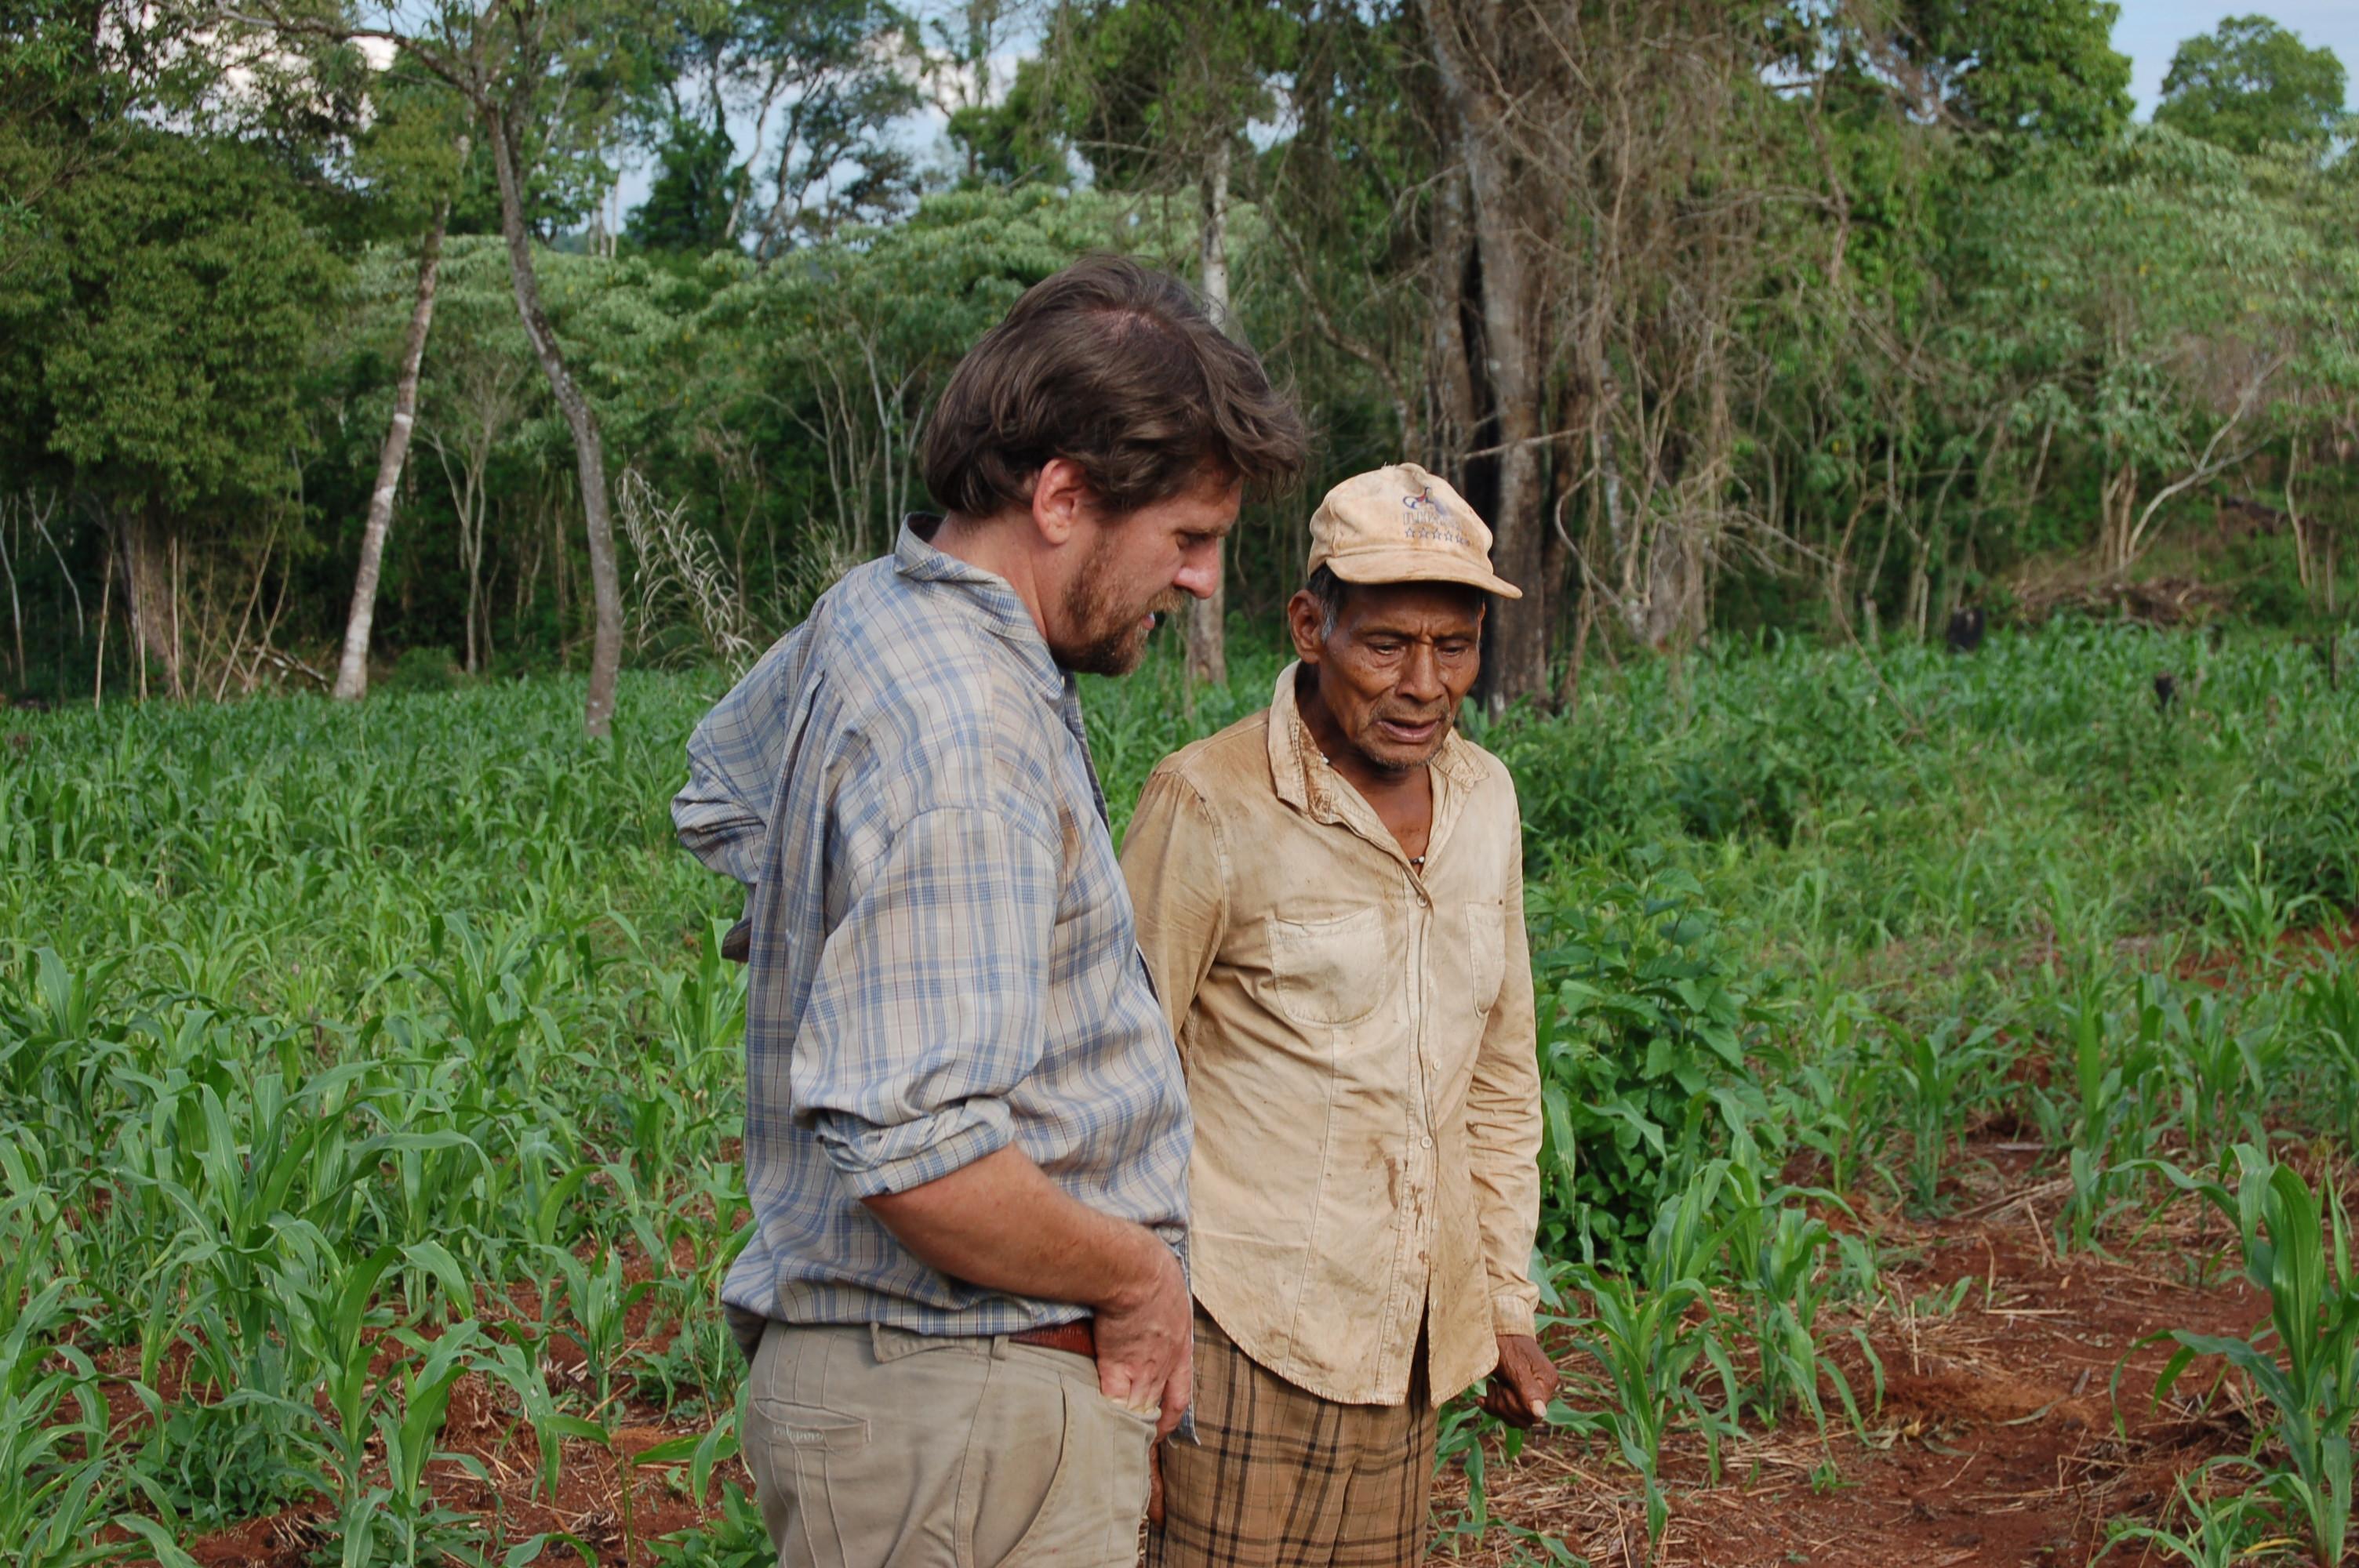 Argentina-14-034-Hector keller+Guarani Credit G.Prance Eden Project-Bodelva